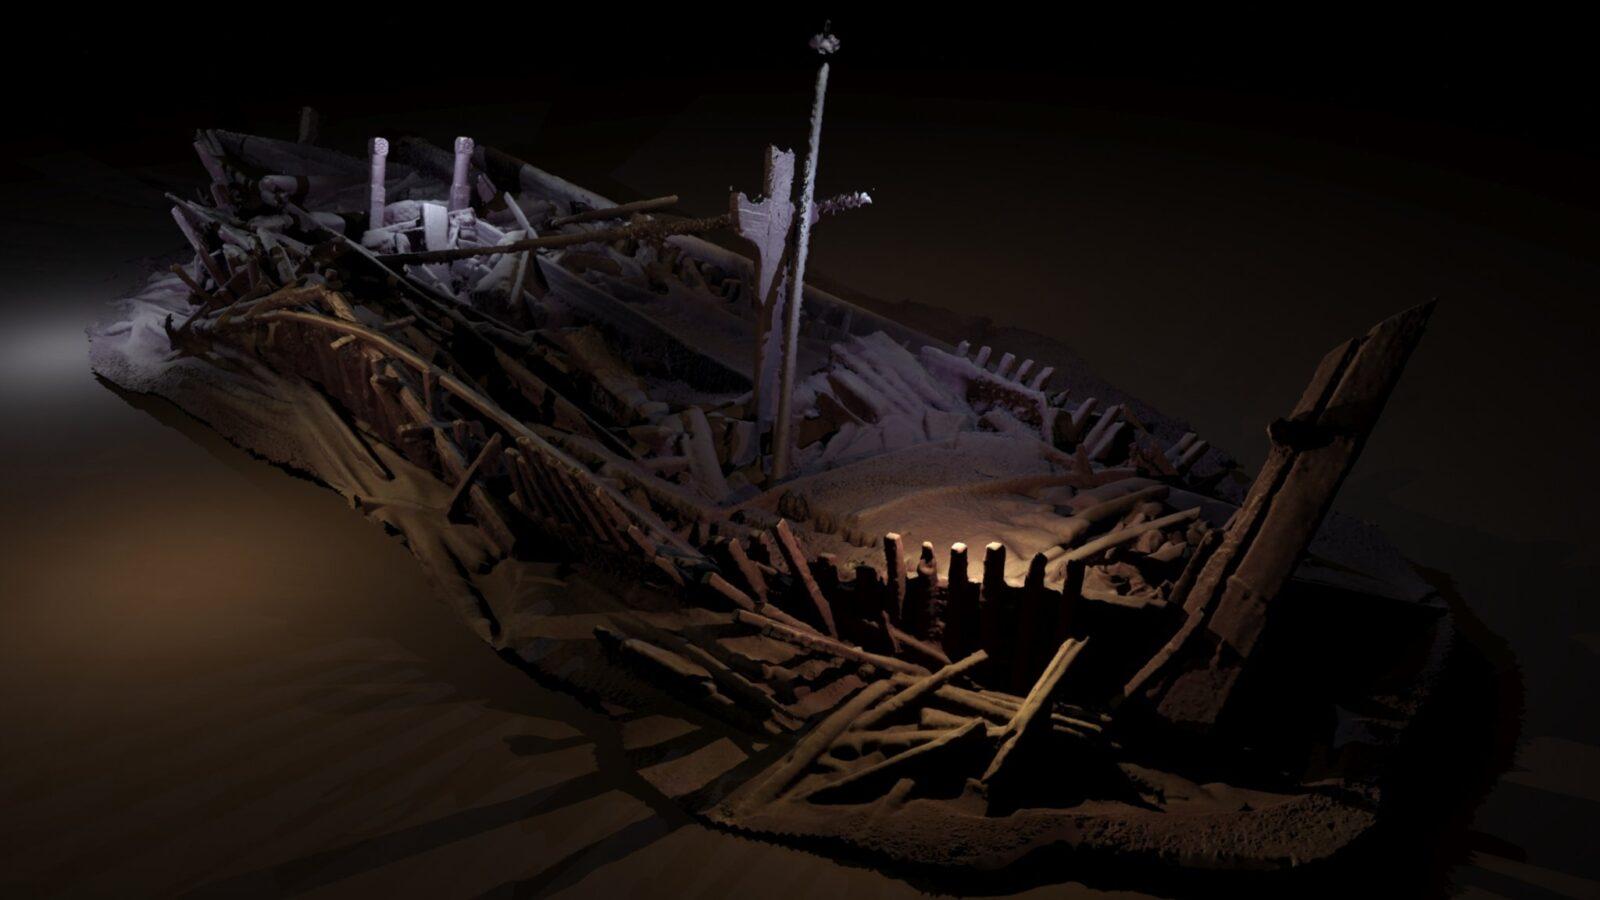 Фотограмметрическое изображение корабля эпохи Оттоманской империи, который скорее всего затонул в промежуток между 17 и 19 веками. Исследователи называют его Цветком Чёрного моря, так как его палуба имеет сложный резной орнамент, в том числе две больших вершины, которые образуют лепестки.